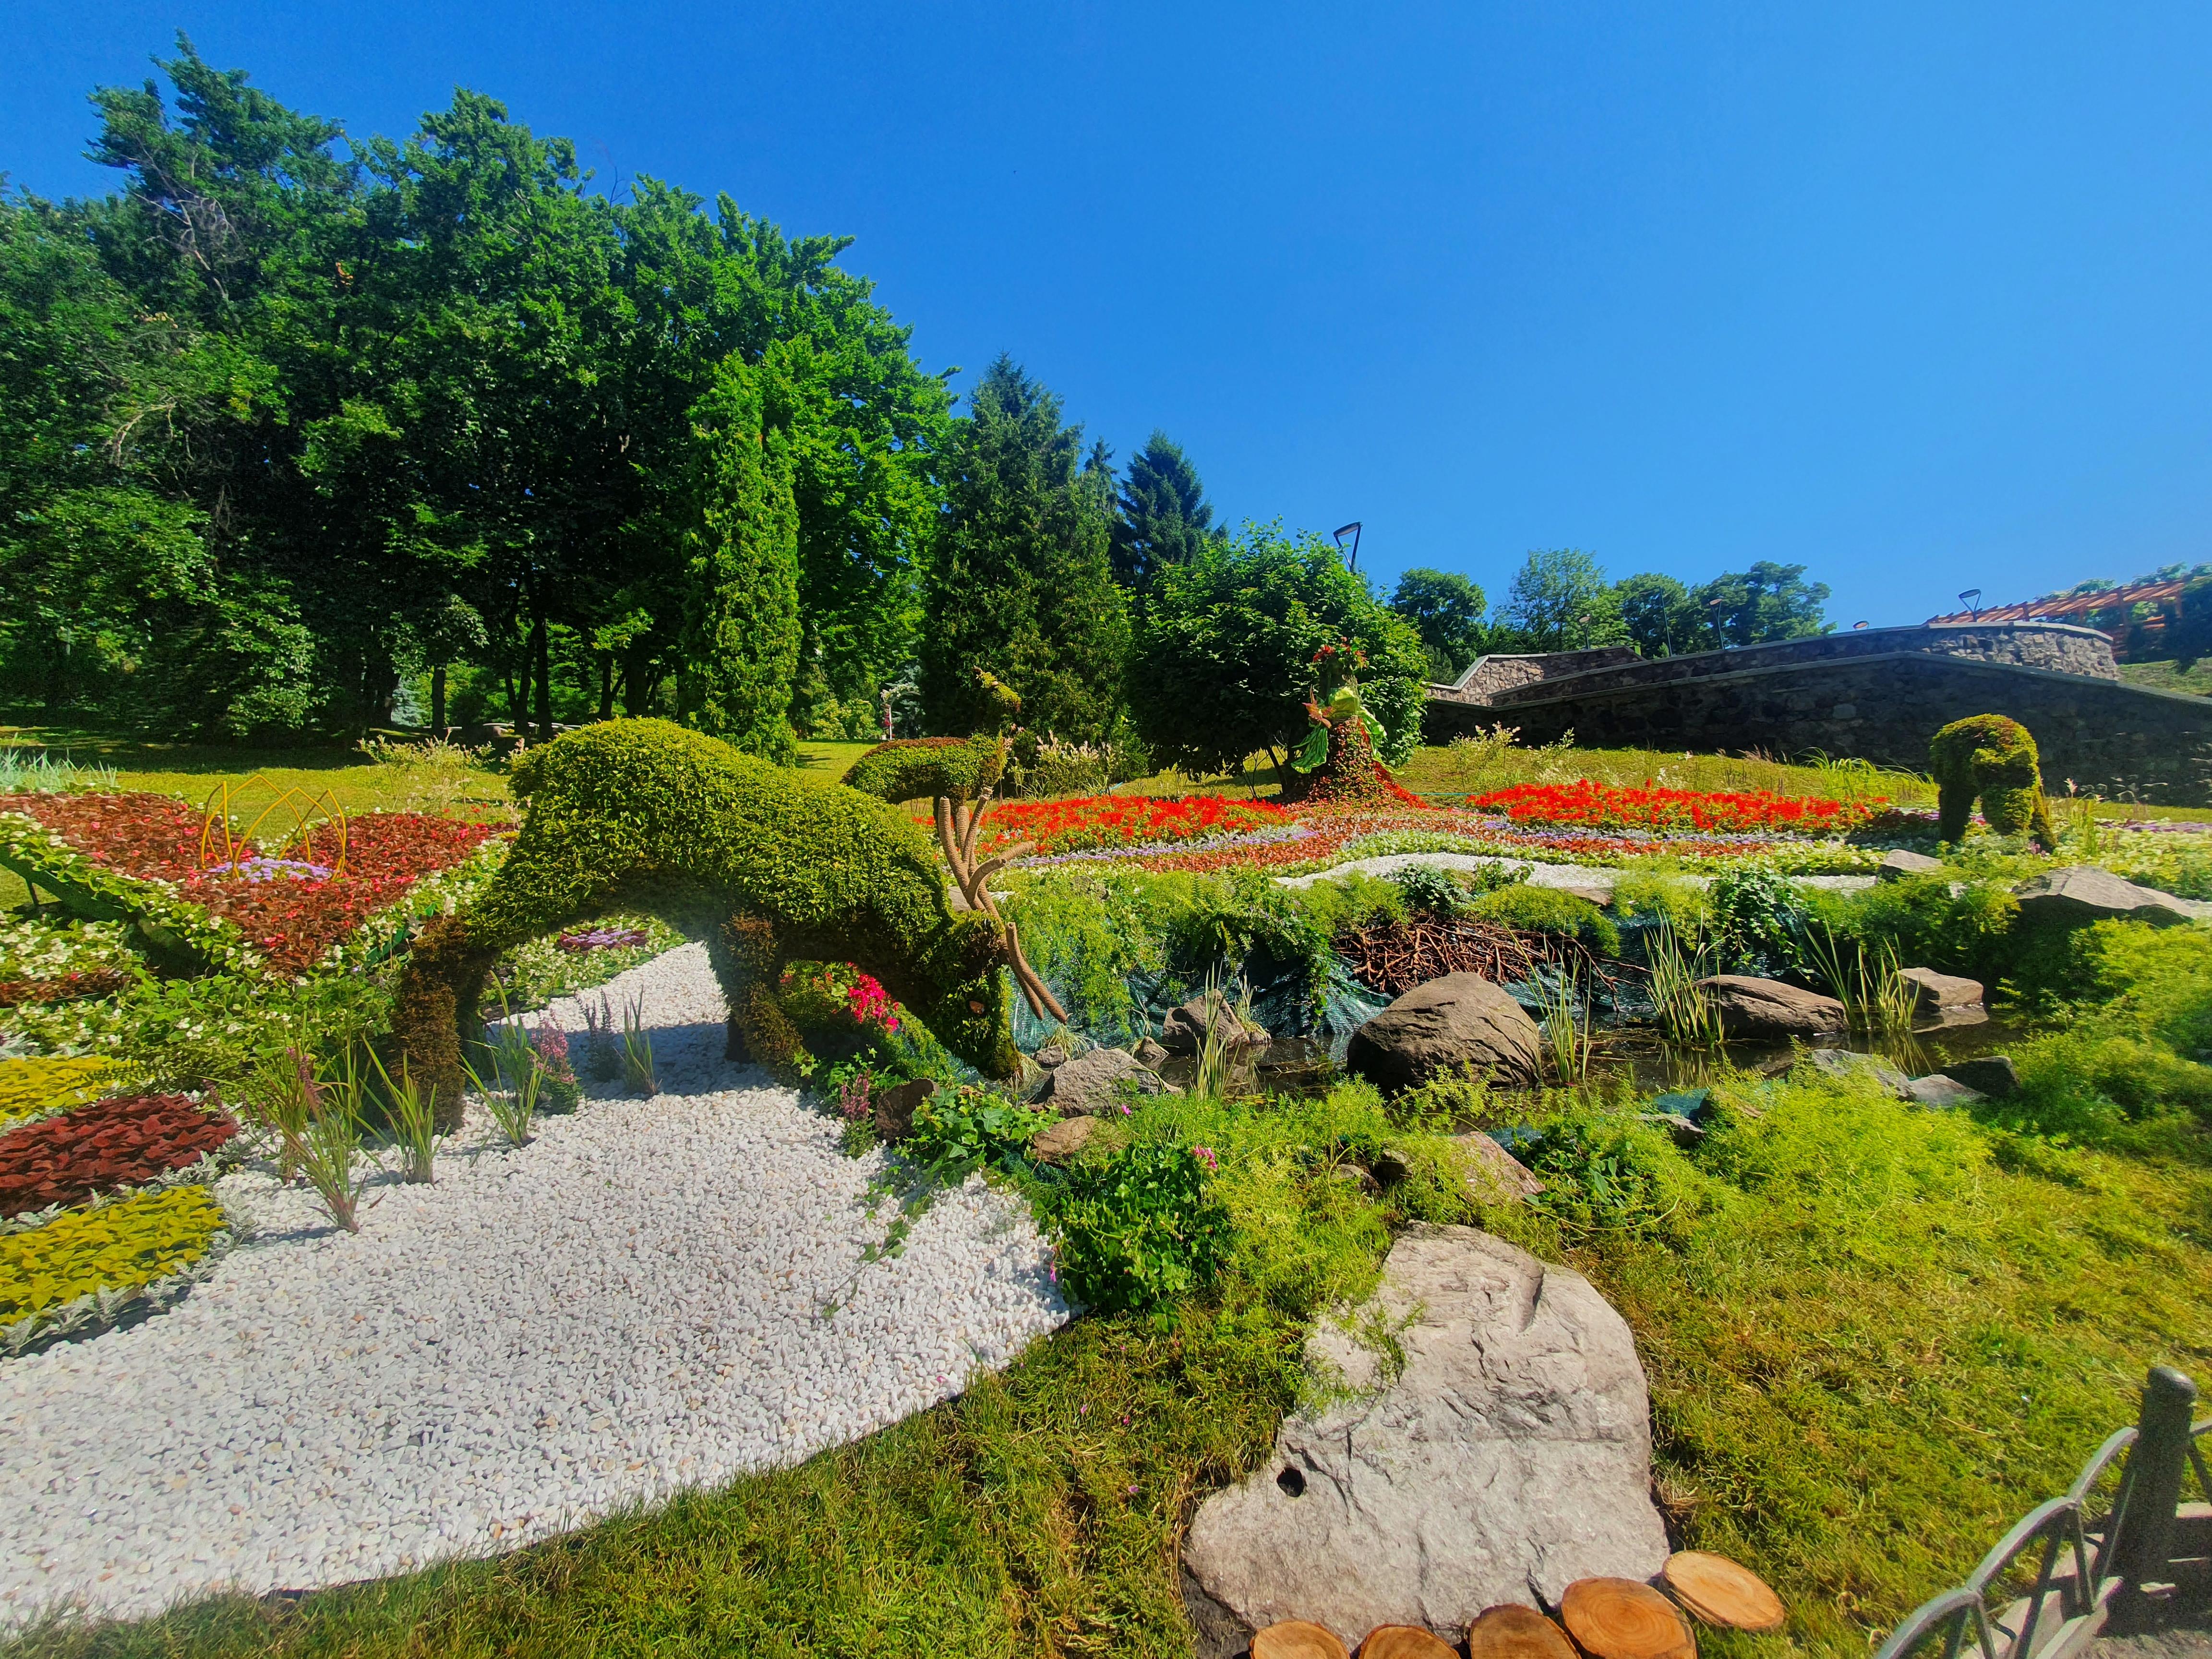 Дикие животные в центре Киева: в столичном парке стартовала летняя выставка цветов — фото 2